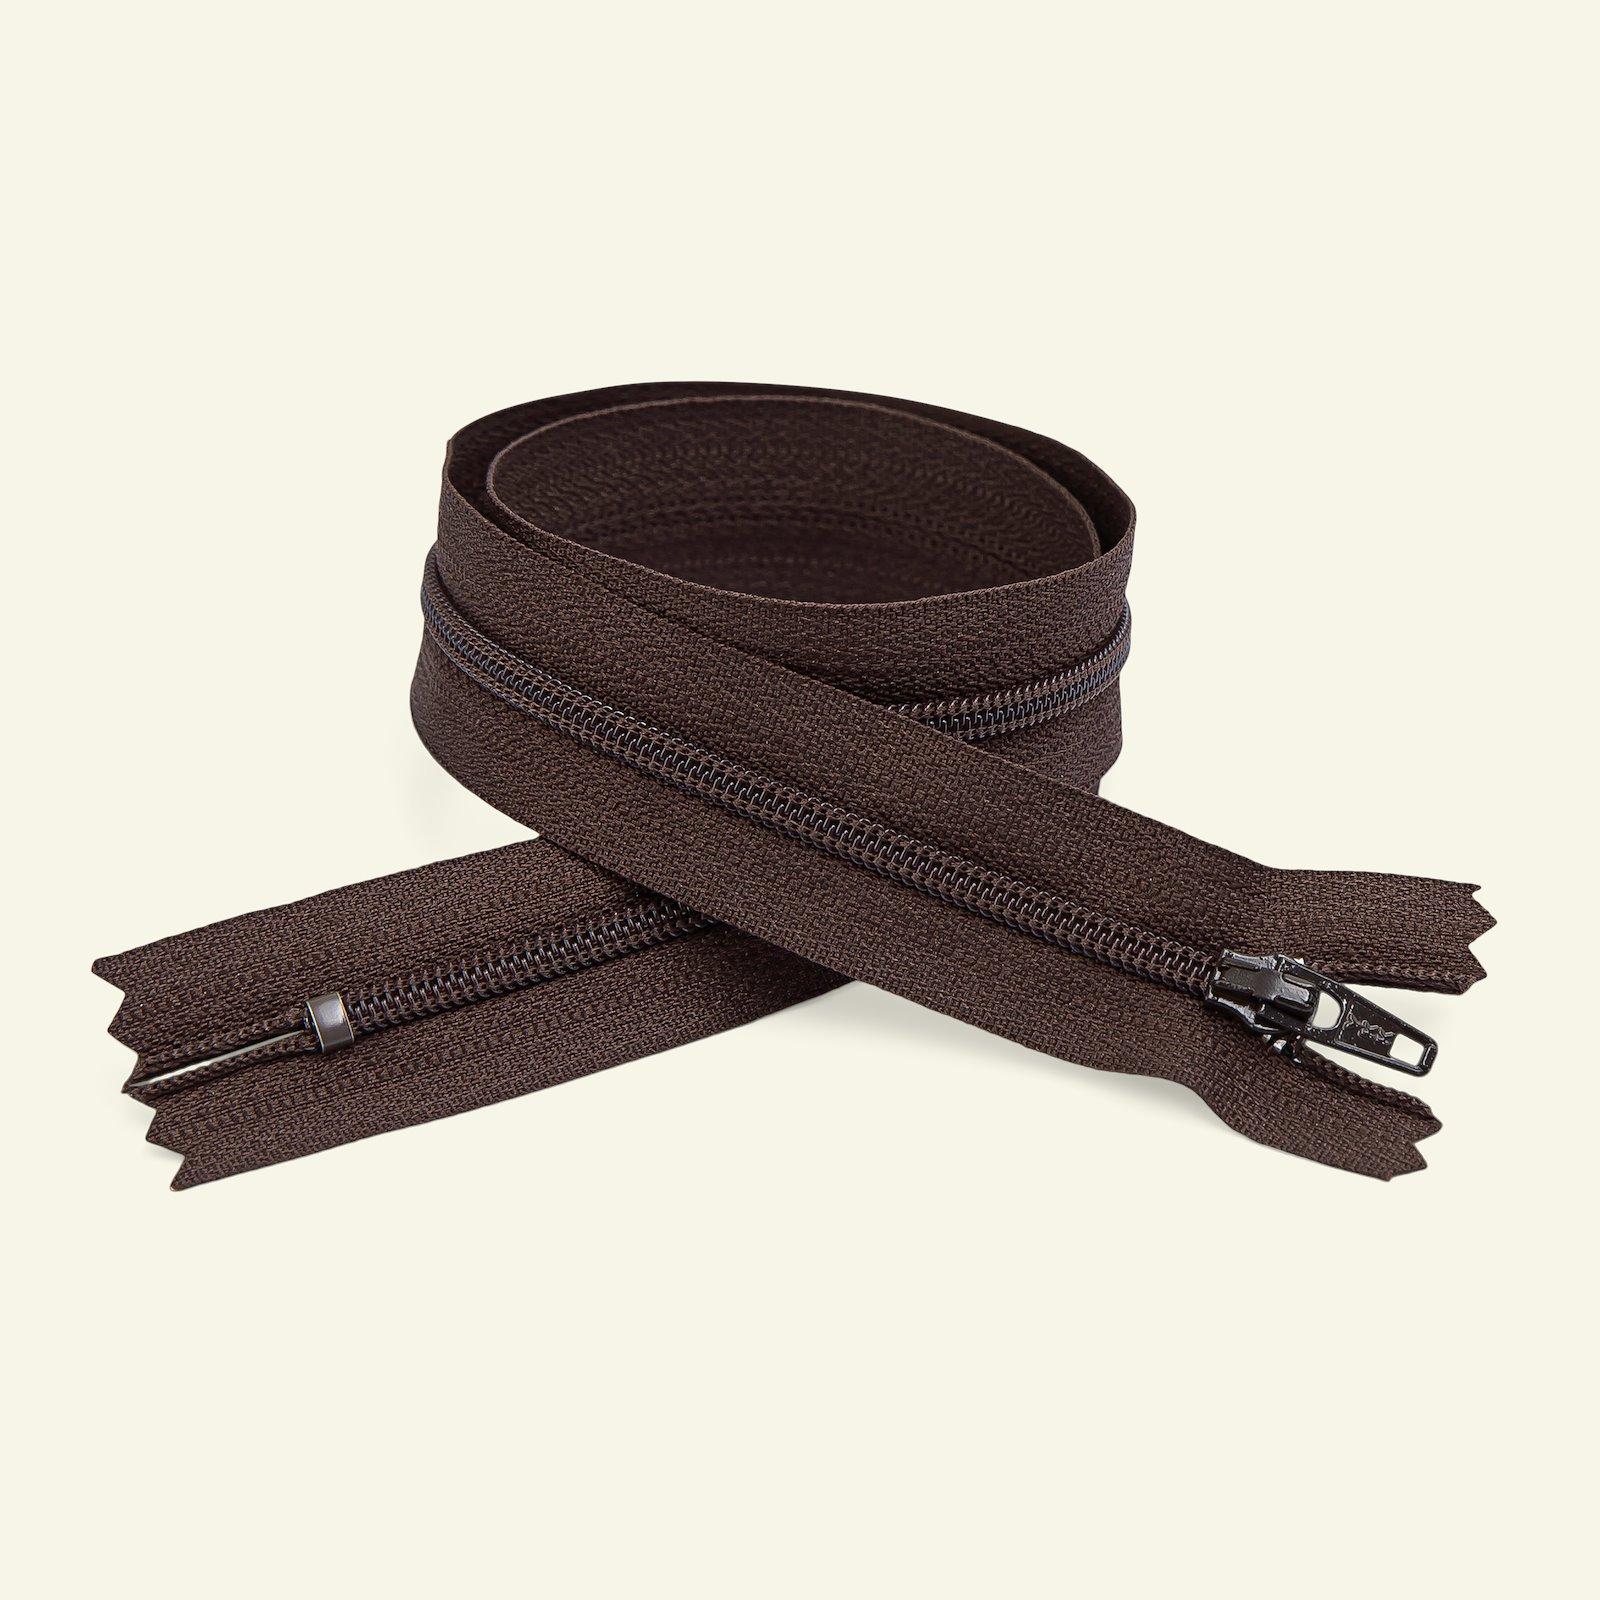 YKK zip 4mm closed end 55cm brown x40537_pack